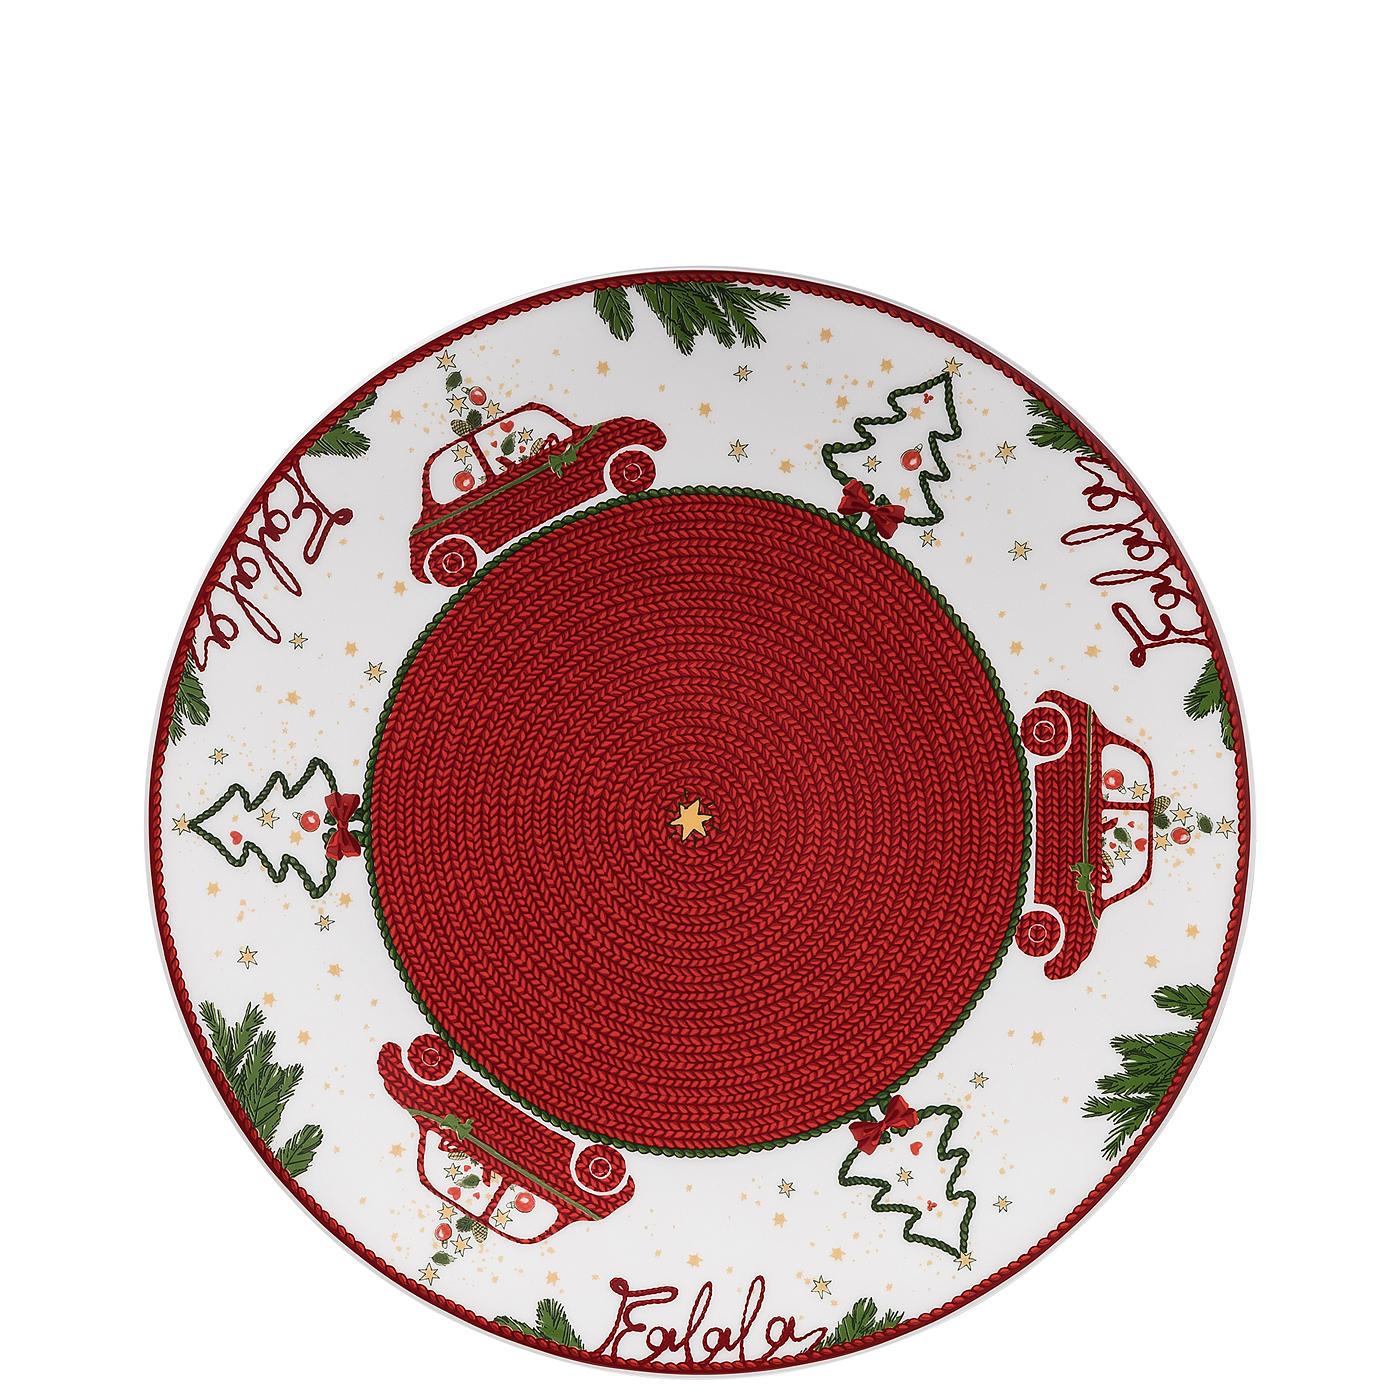 Plätzchenteller 27 cm Nora Weihnachtszeit Hutschenreuther